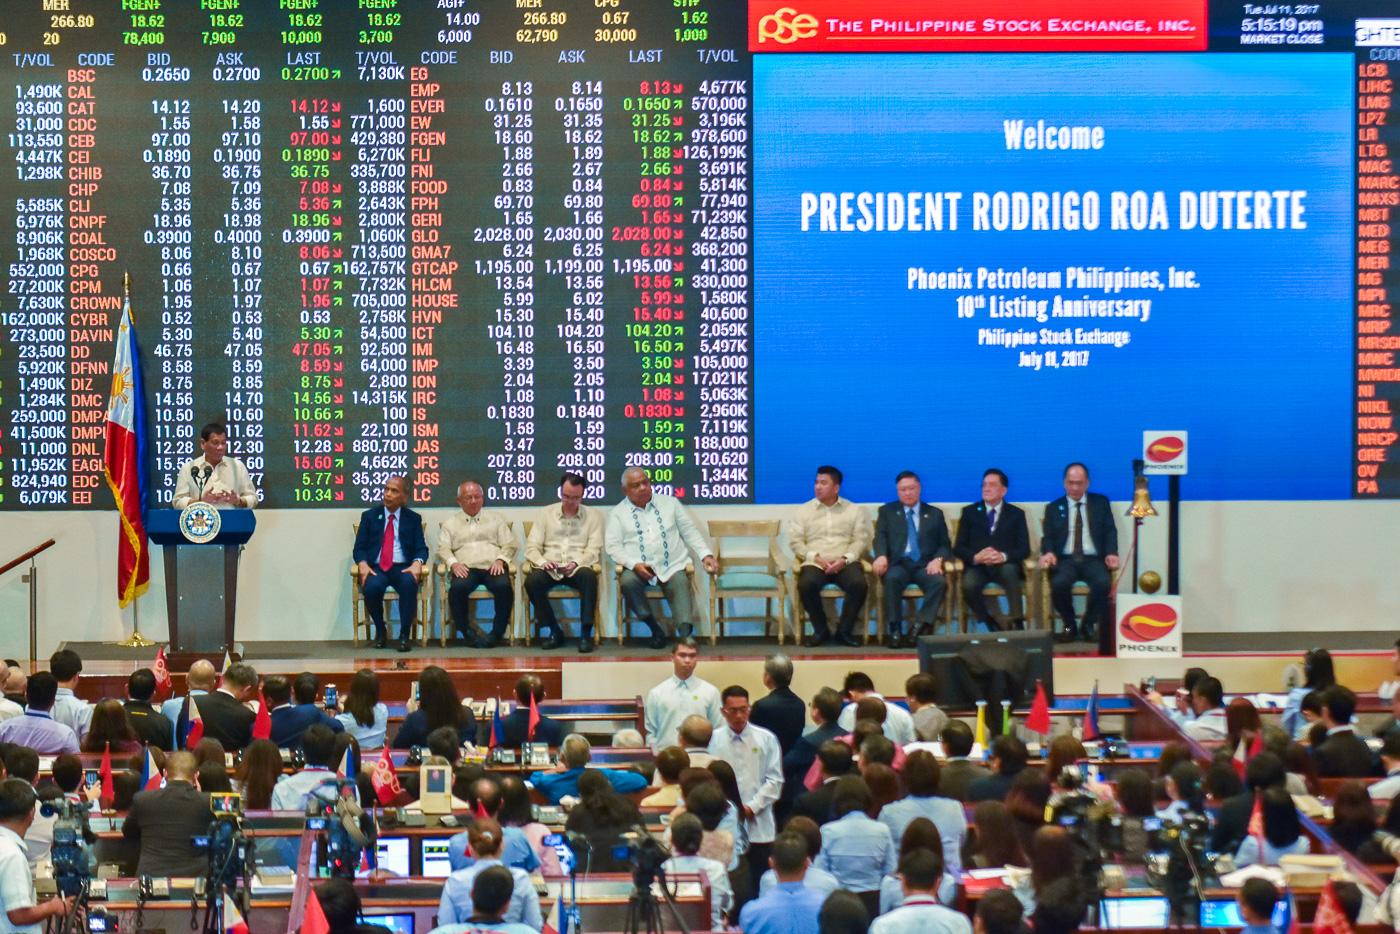 PRESIDENT IN PSE. President Rodrigo Duterte gives a speech inside the PSE trading hall.